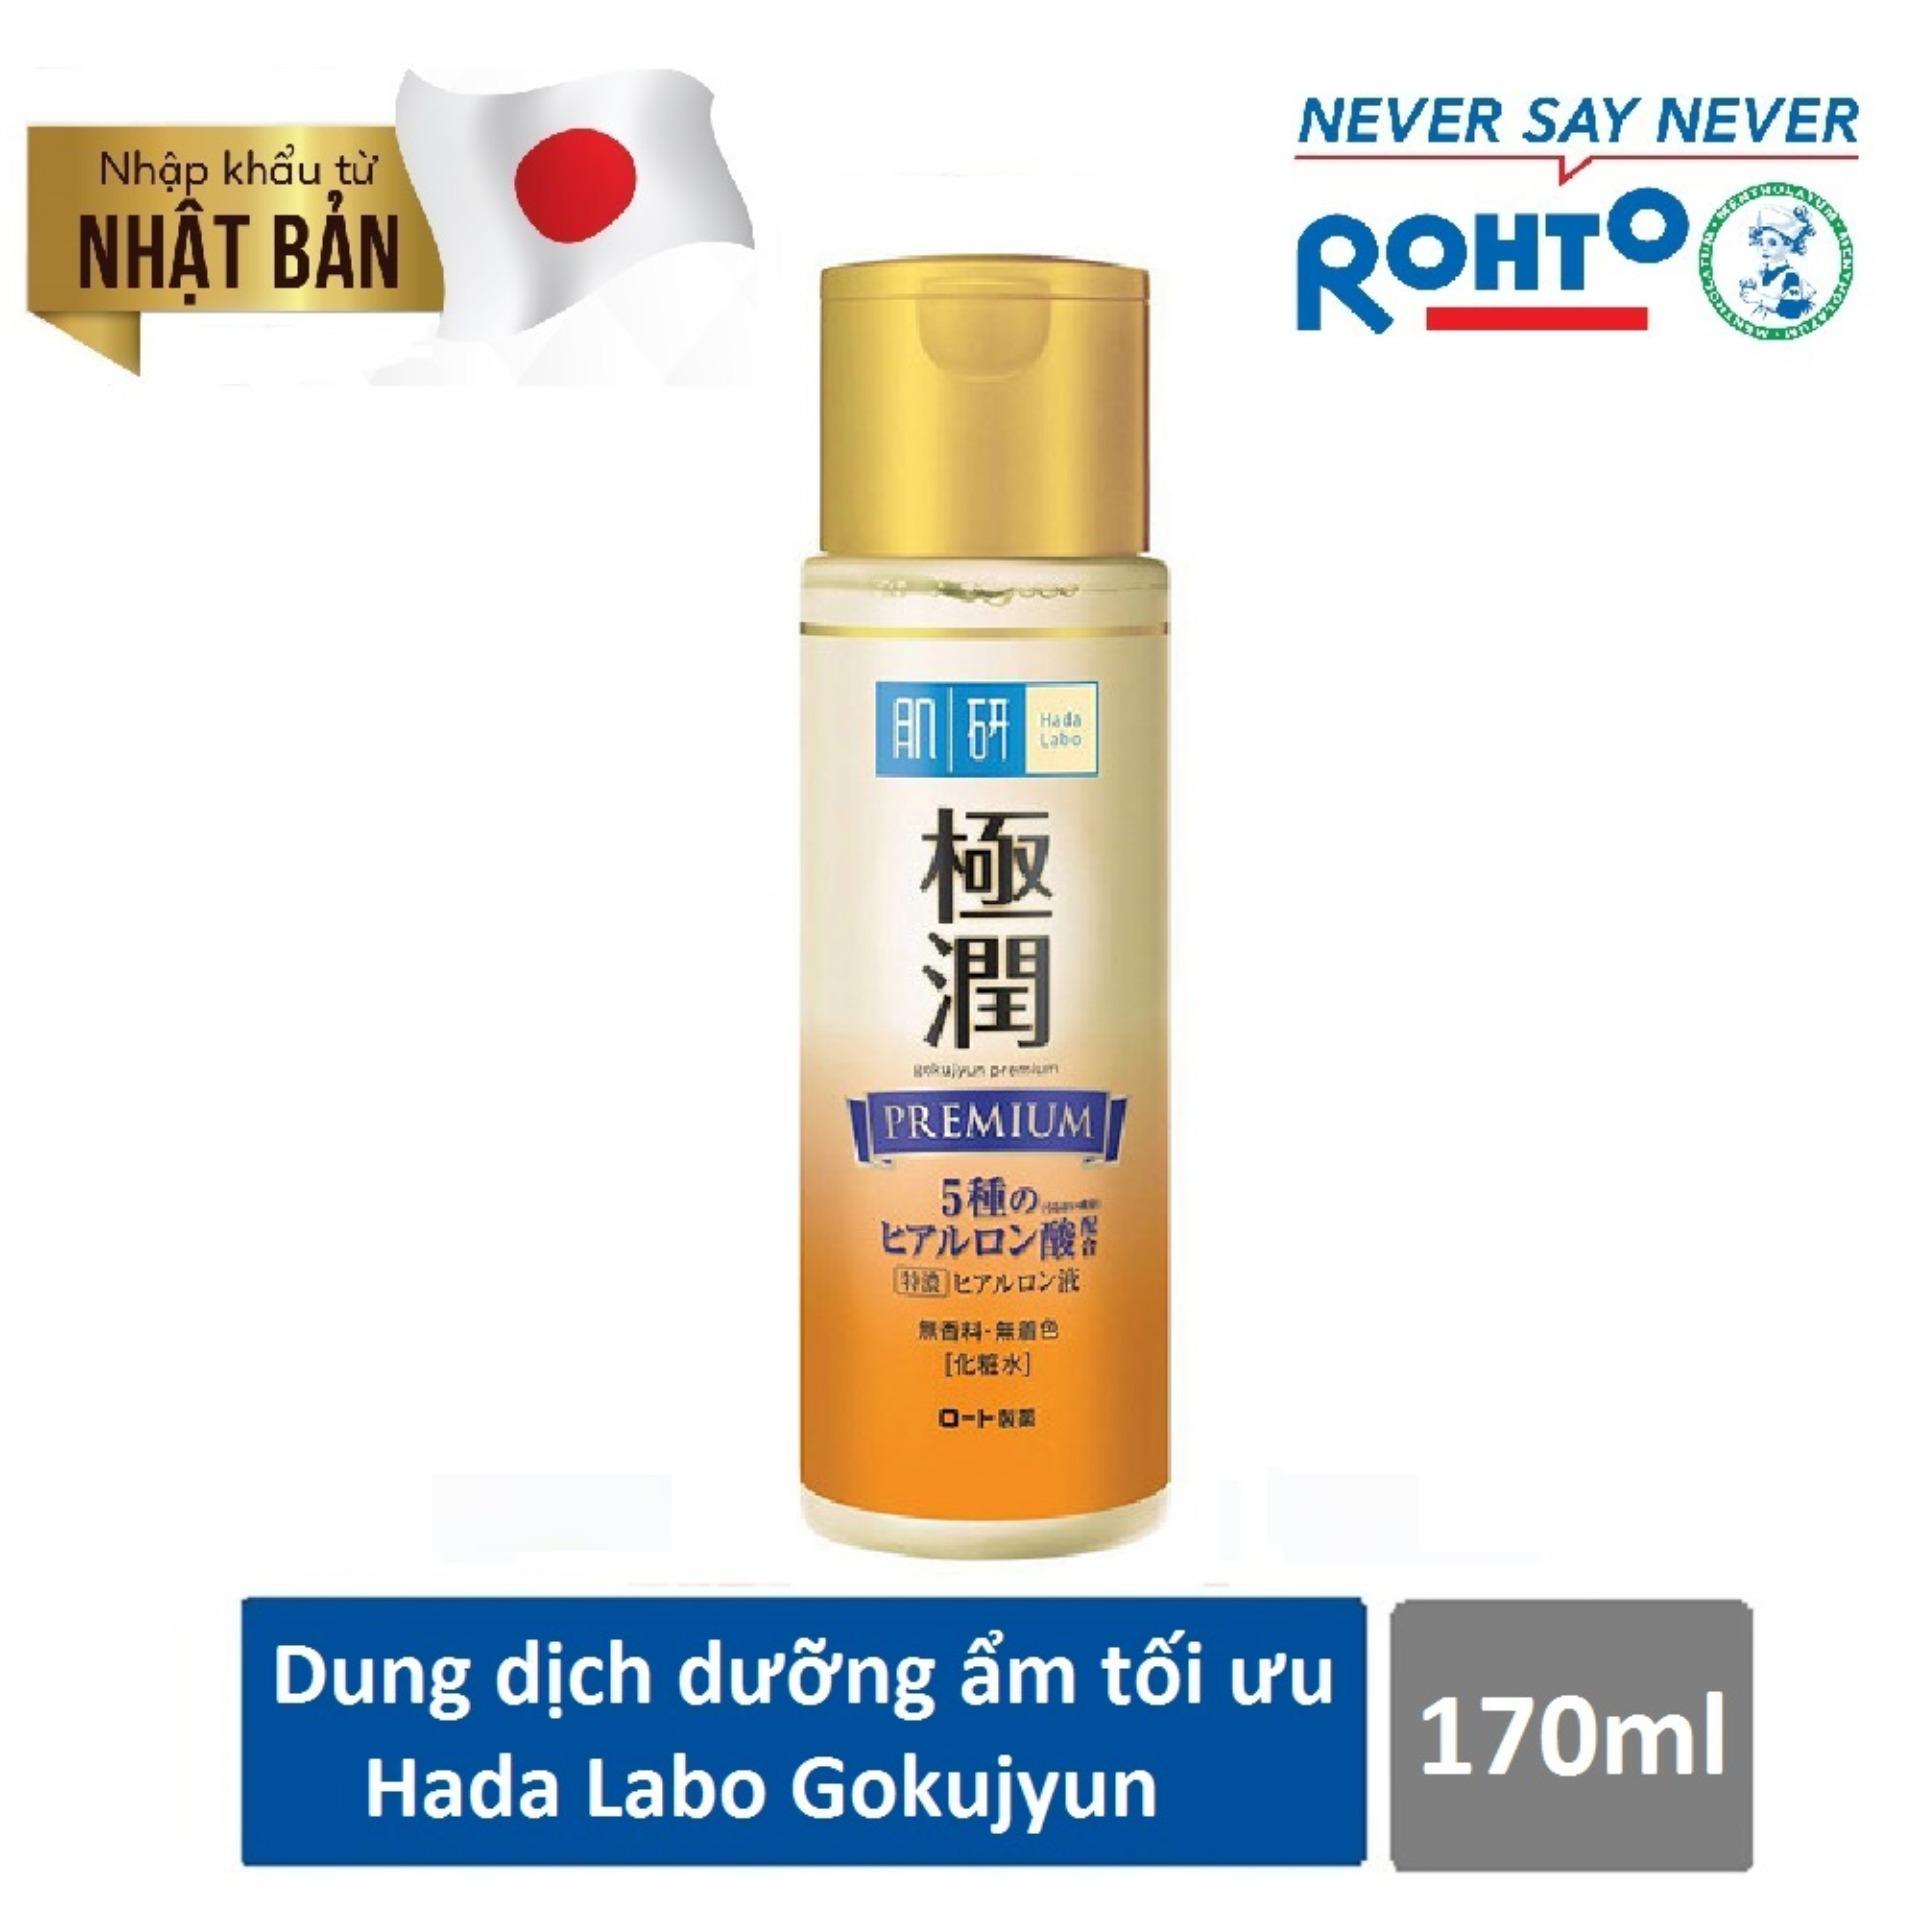 Cửa Hàng Dung Dịch Dưỡng Ẩm Tối Ưu Hada Labo Gokujyun Premium Lotion 170Ml Nhập Khẩu Từ Nhật Bản Rẻ Nhất